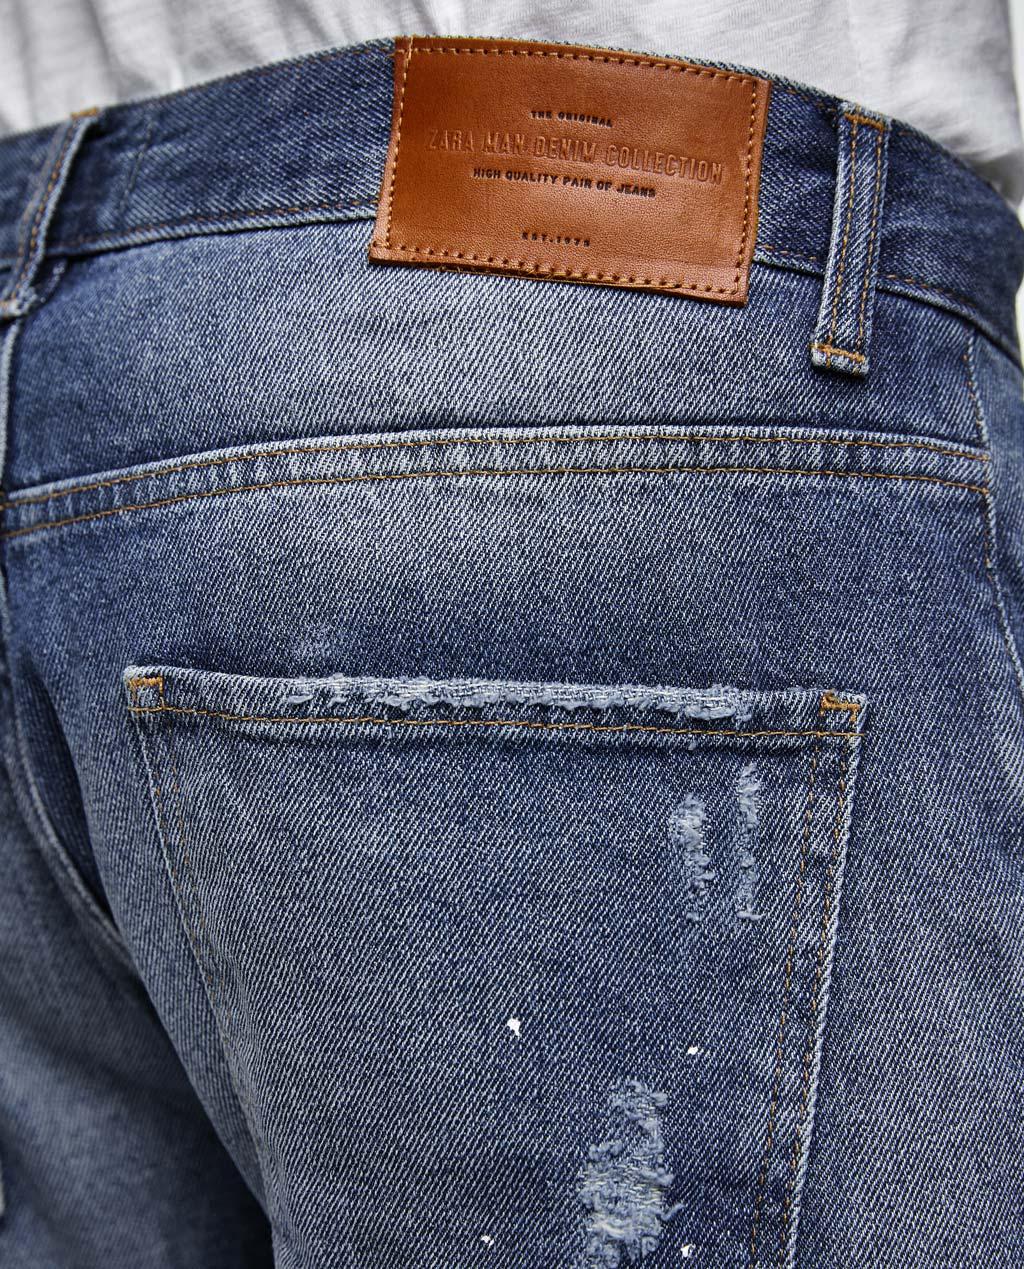 Thời trang nam Zara  23993 - ảnh 7